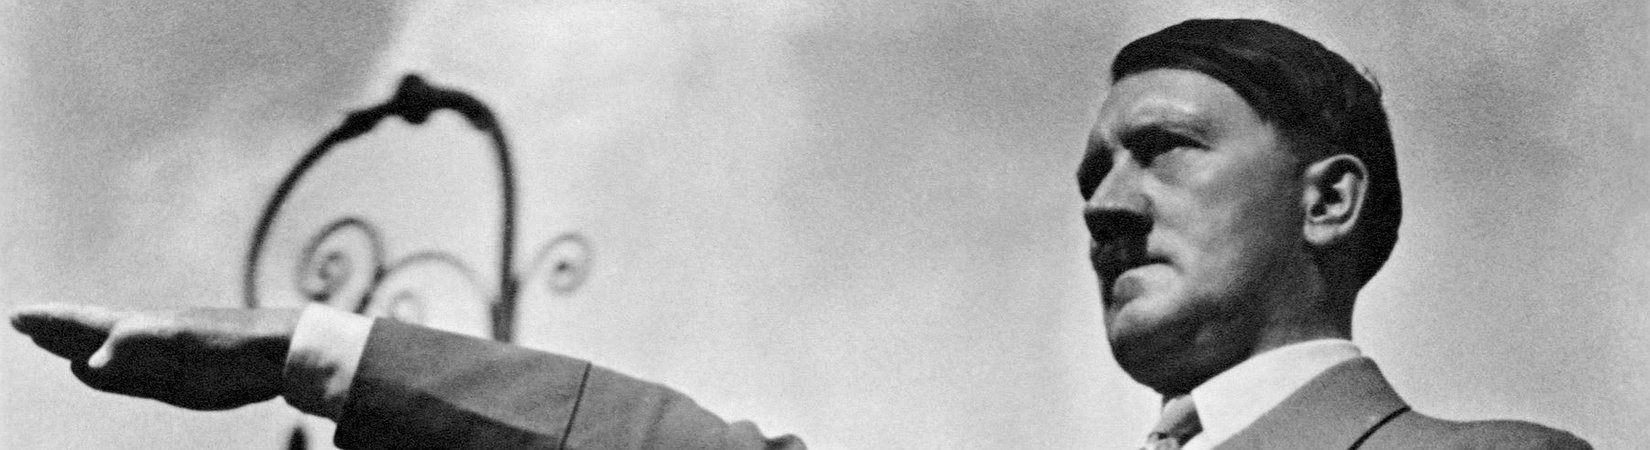 Una lección de historia: Cómo crearon los bancos el socialismo nacional